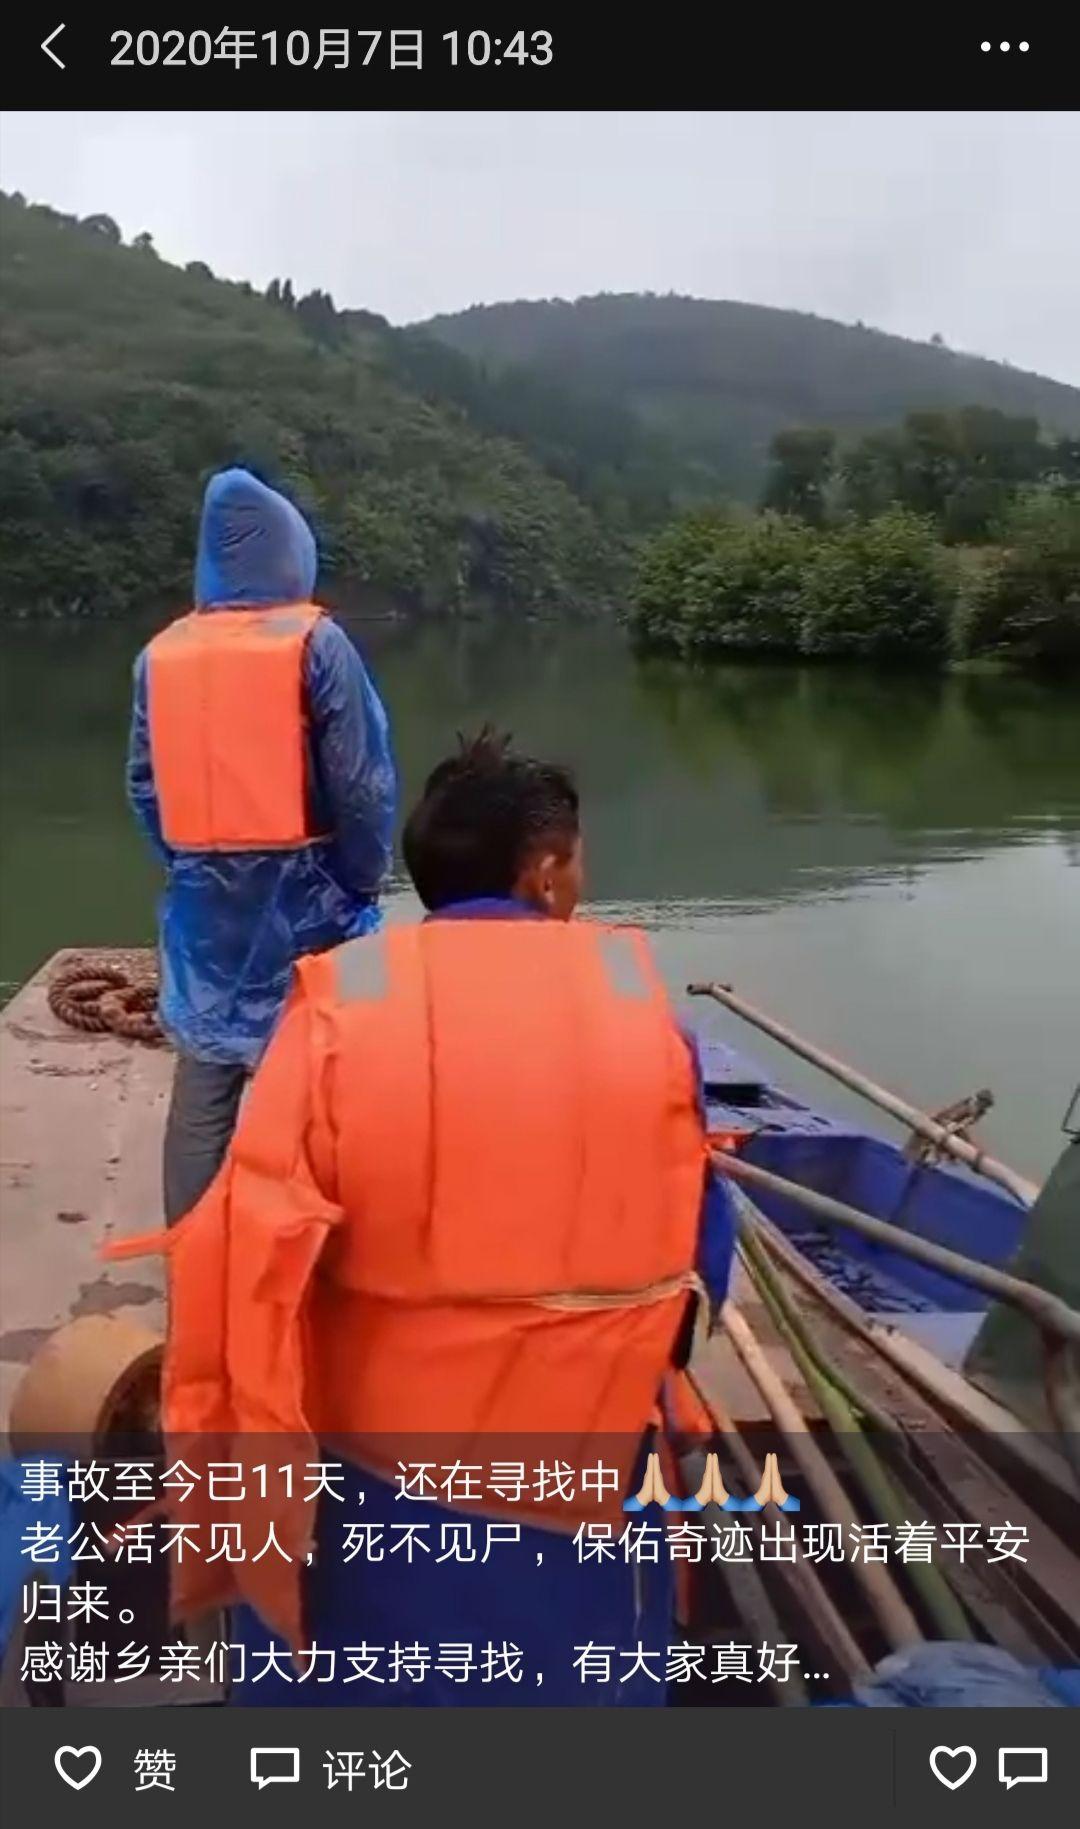 湖南新宁一渔船沉没致两死,官方:夫夷江禁捕,已成立专案调查组